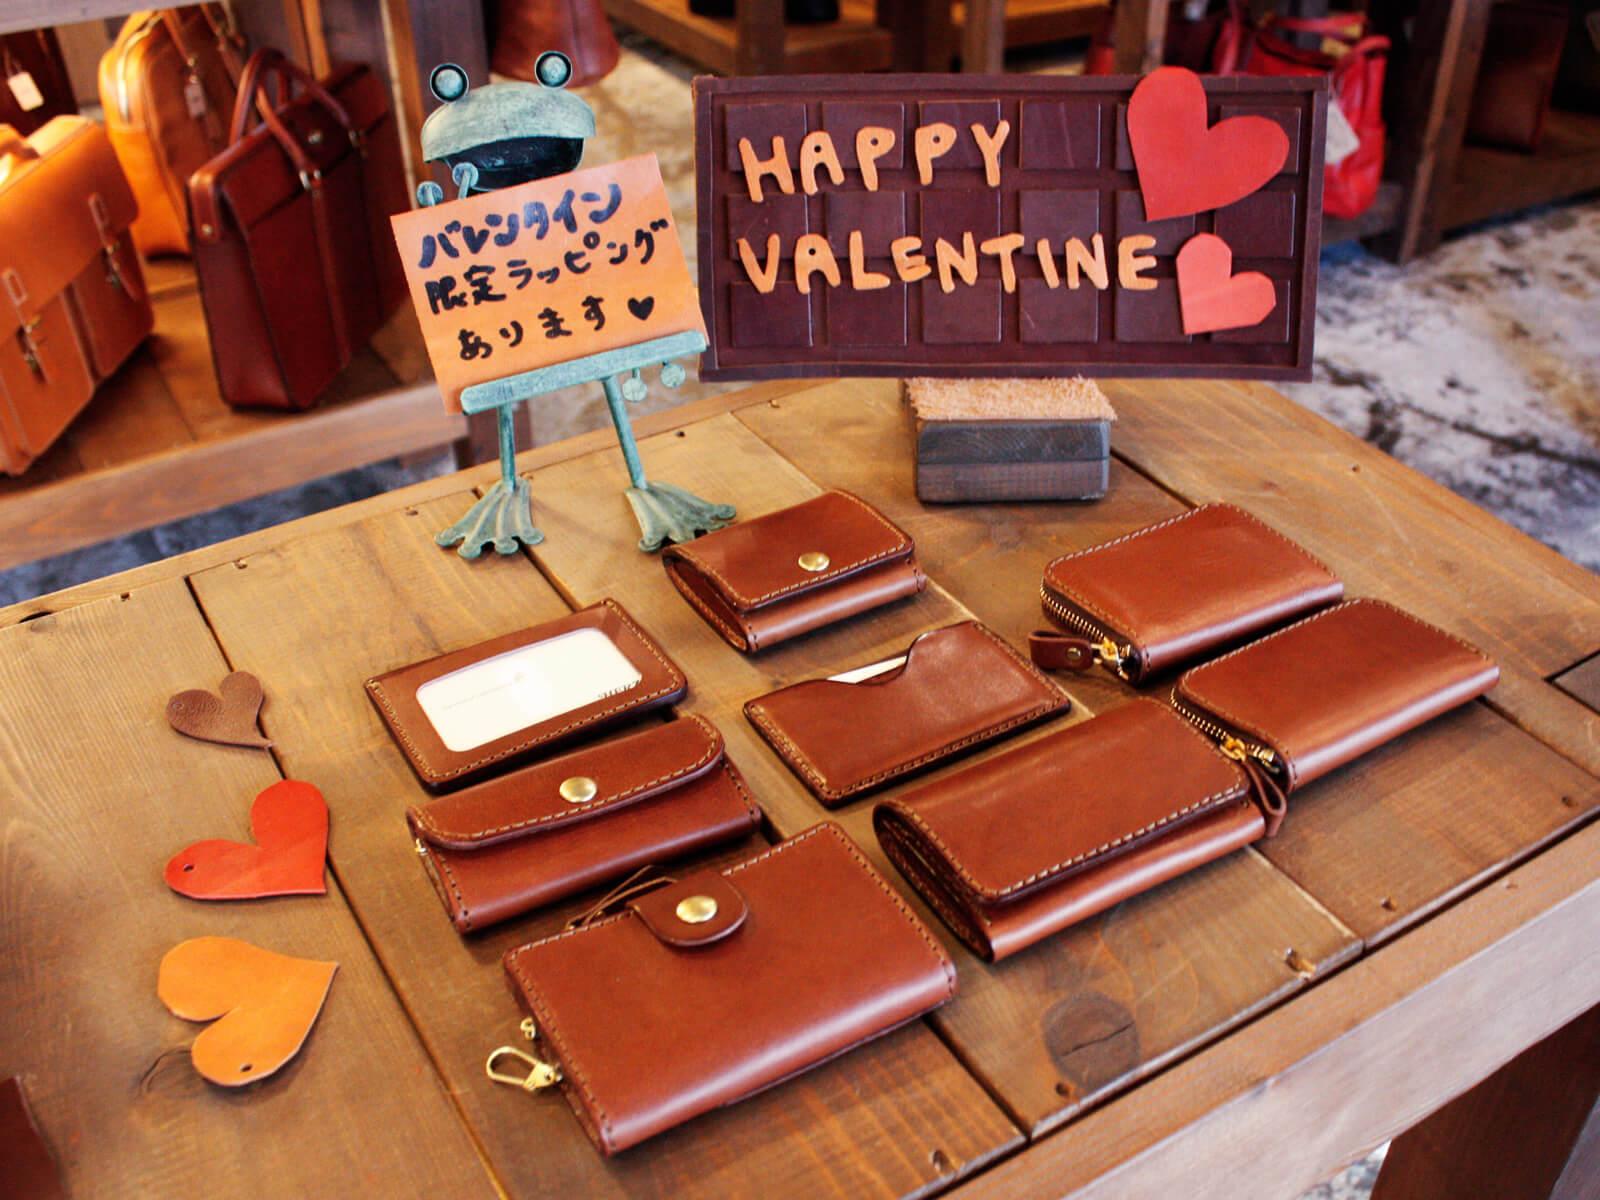 「チョコ革」あります!バレンタインコーナー in仙台店